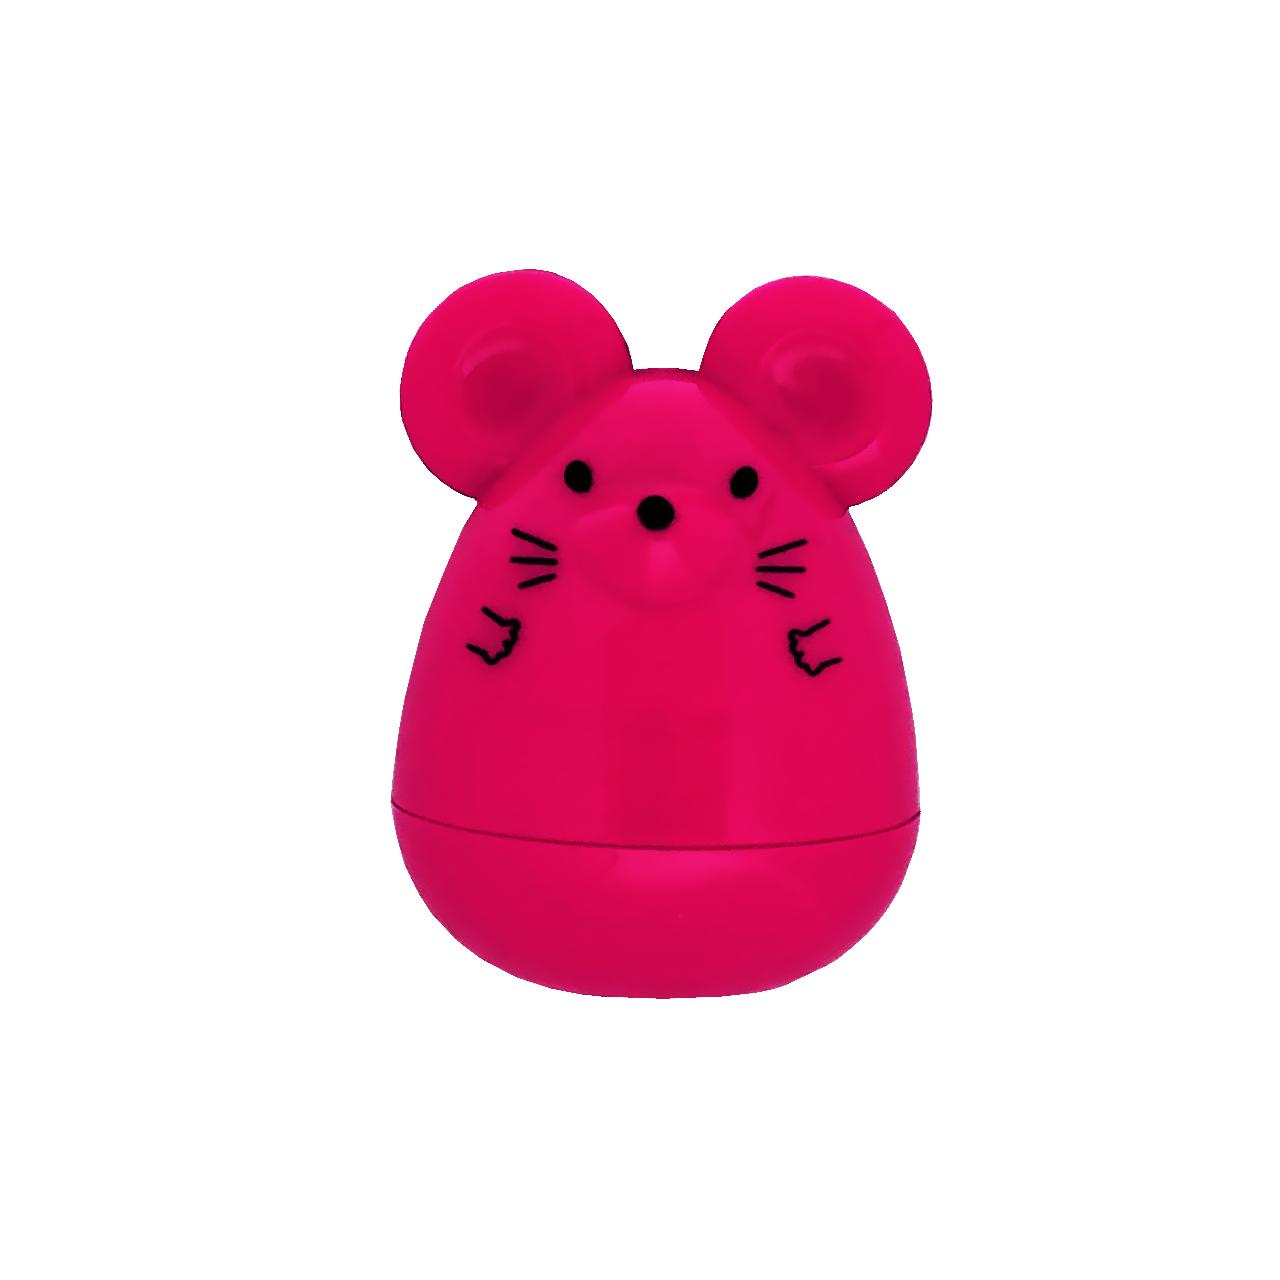 بالم لب کیو سی طرح موش کد 01